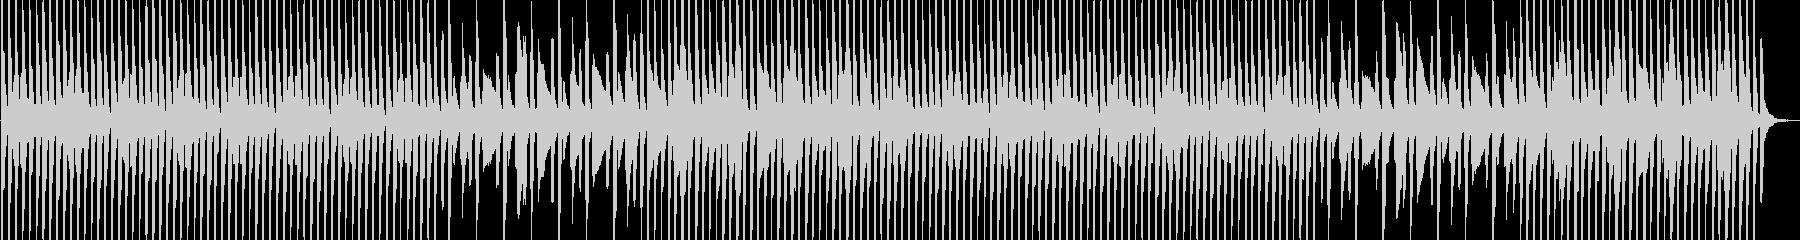 ポップでコミカルな印象の音源の未再生の波形